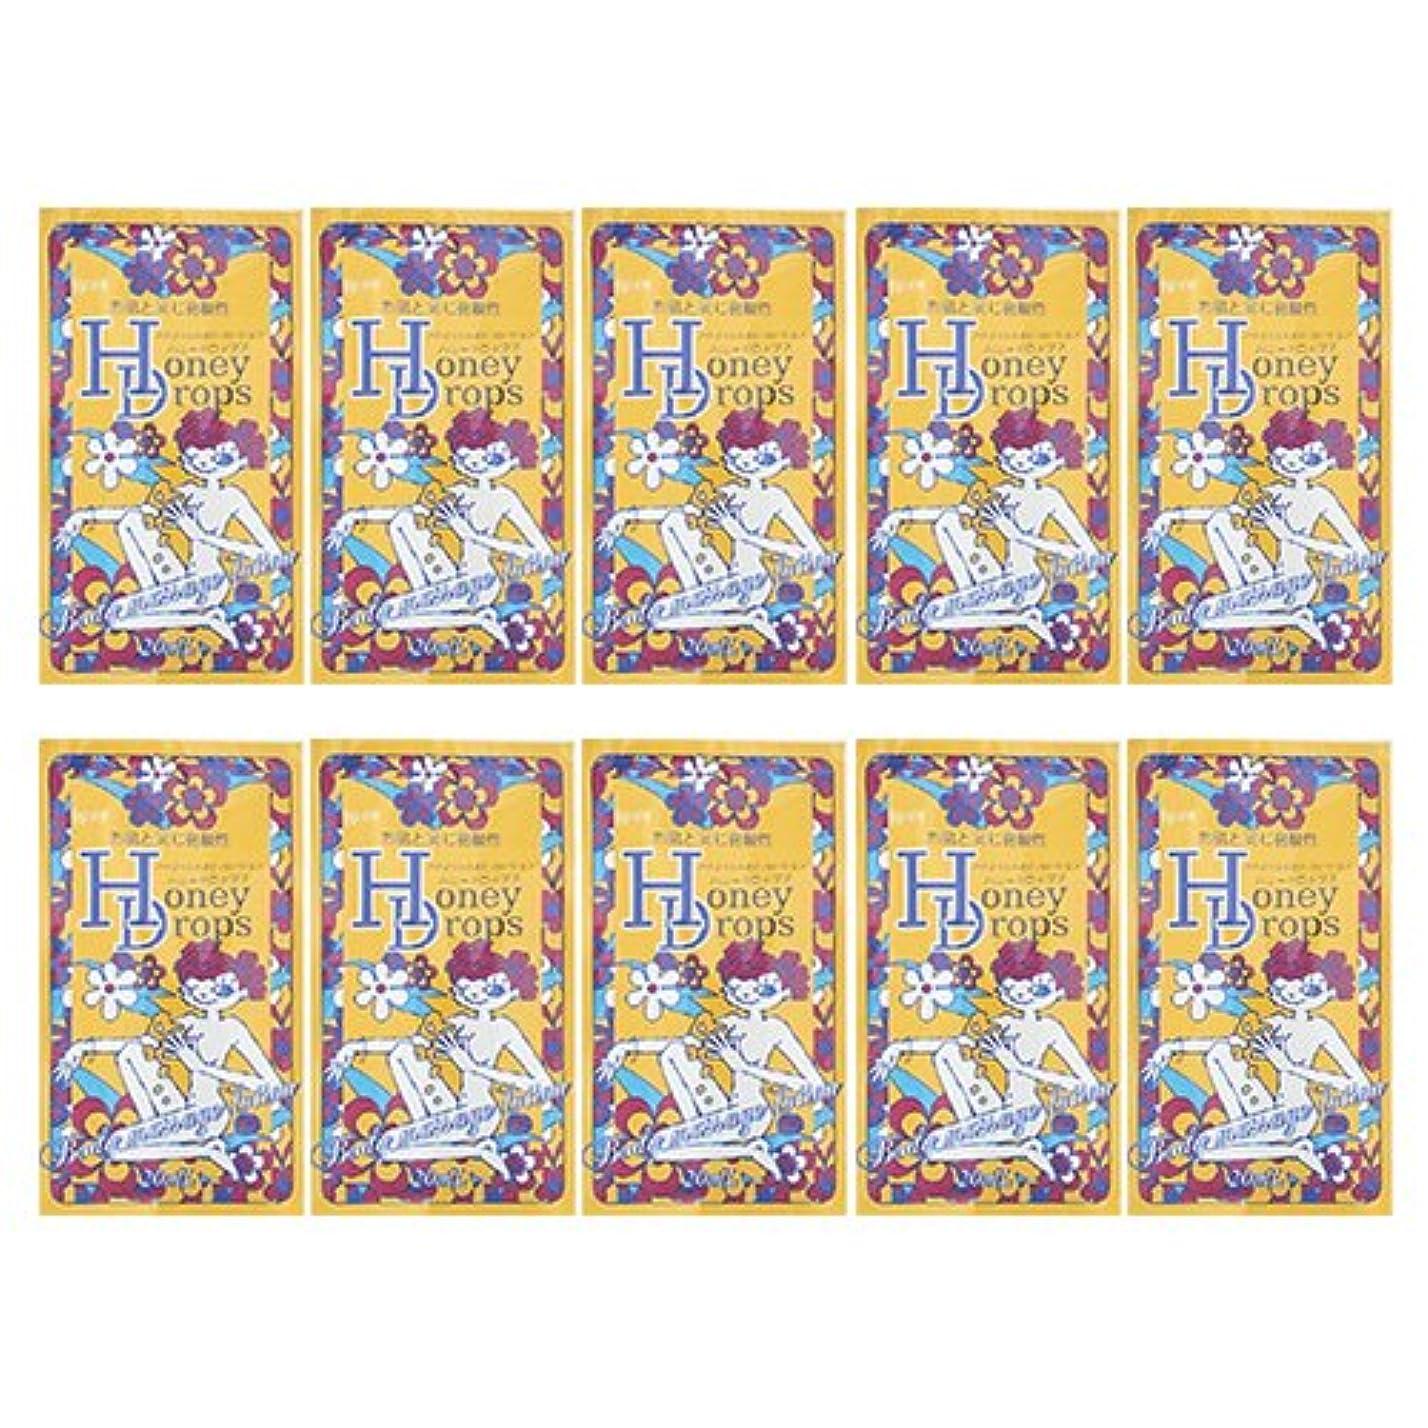 選挙フリンジ祭司ハニードロップス(Honey Drops) 20ml スタンダードタイプ × 10個入